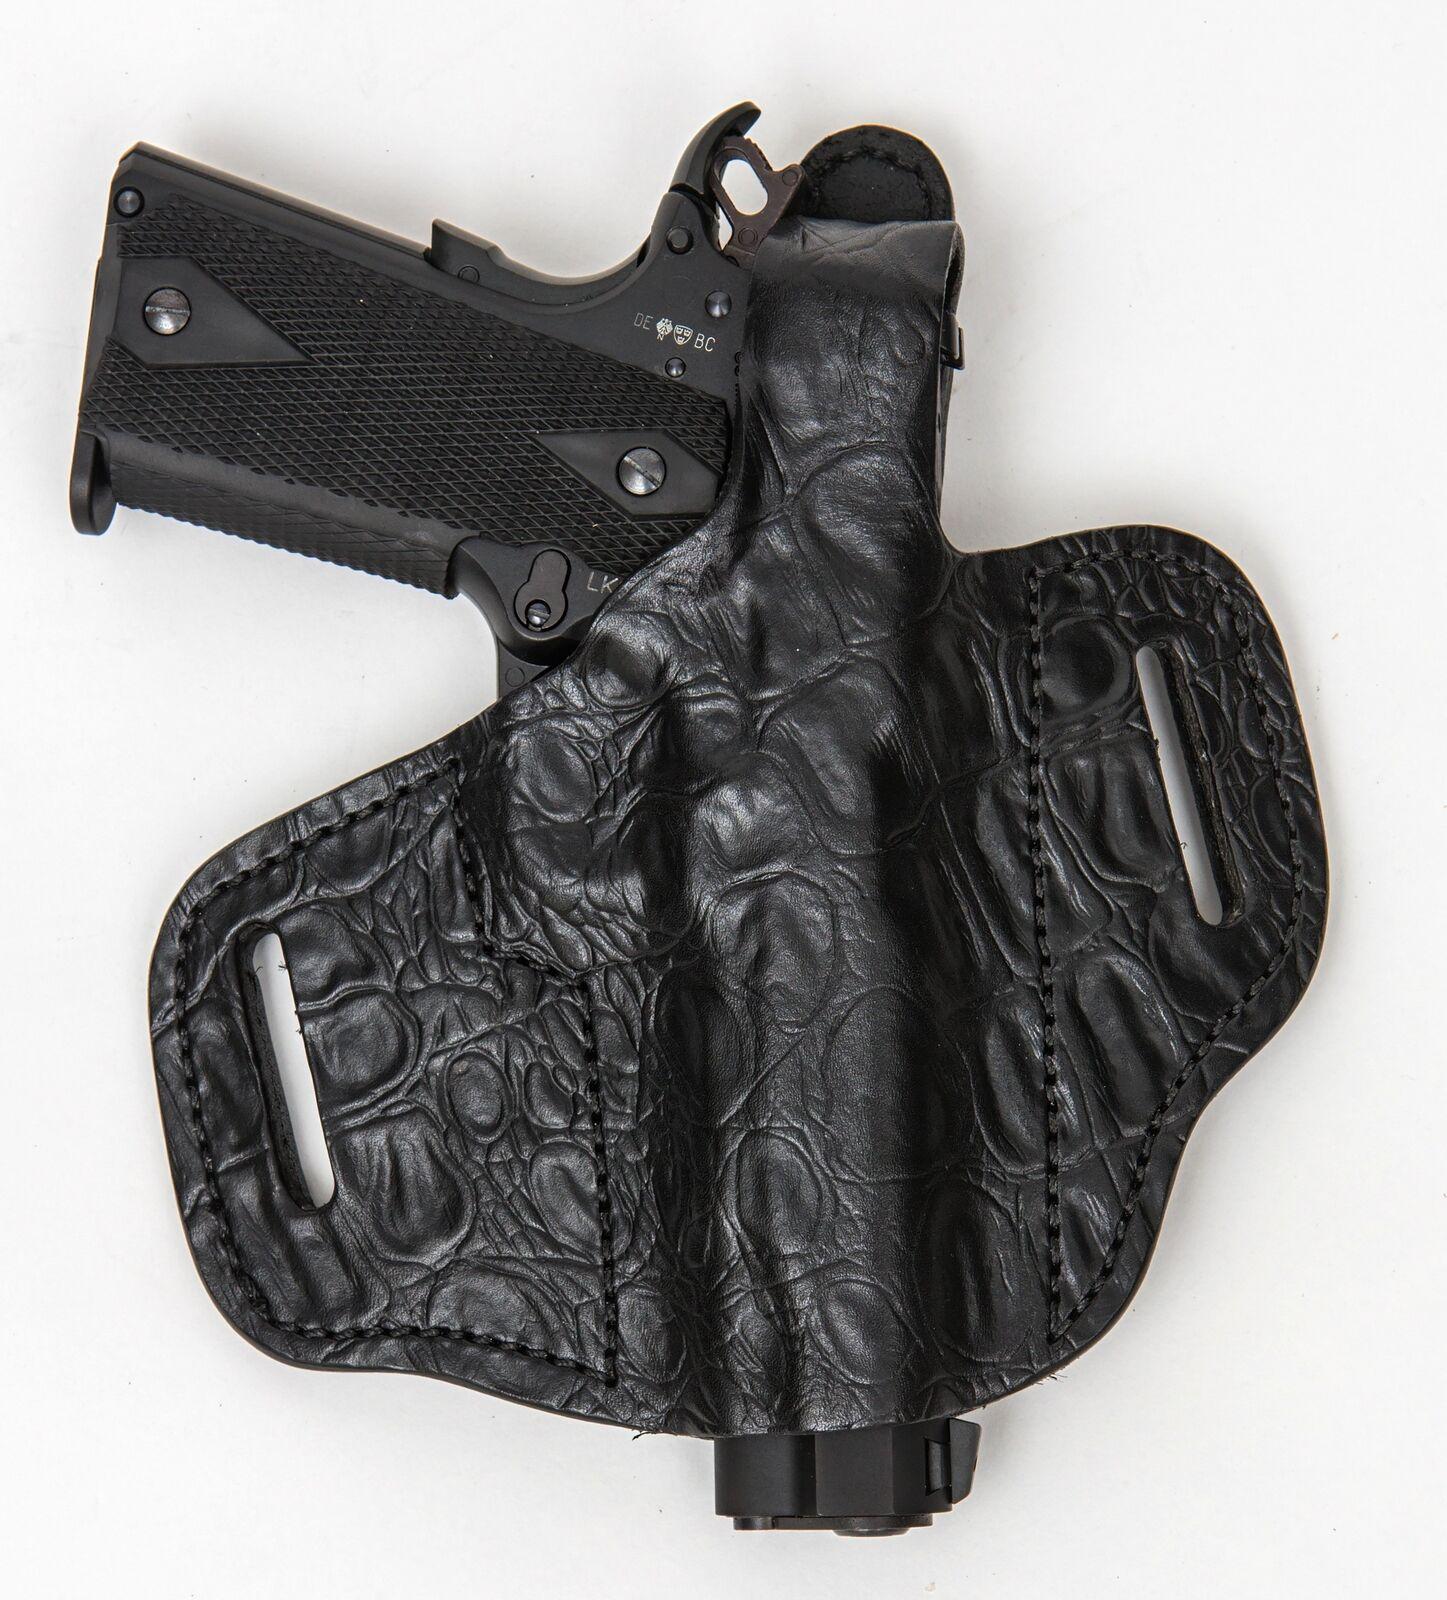 En servicio ocultar RH LH owb Cuero Funda Pistola para Diamondback DB380